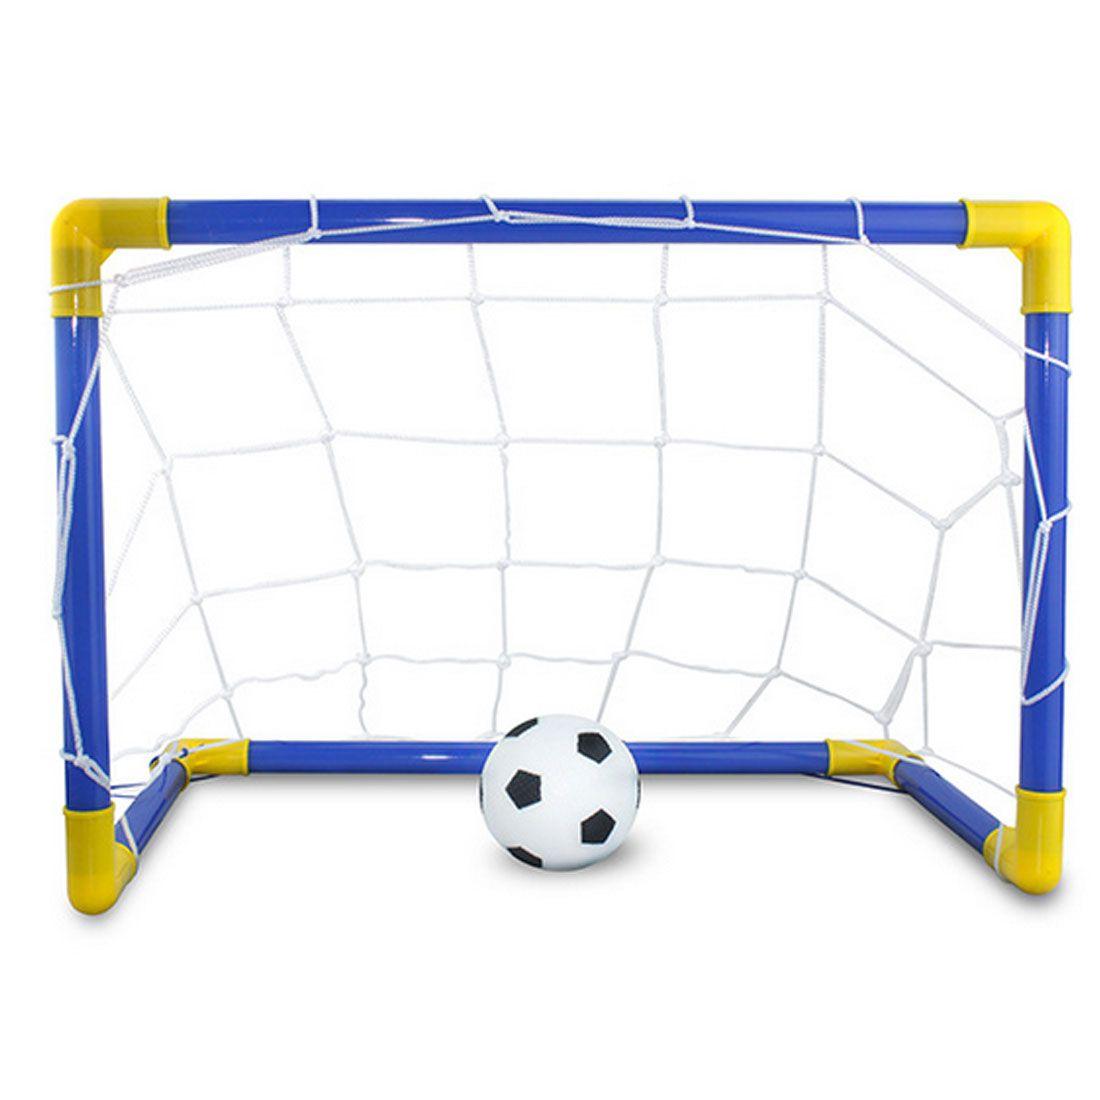 1 세트 DIY 어린이 스포츠 축구 목표 축구 공 및 펌프 야외 스포츠 연습 Scrimmage 게임 분리 가능한 축구 게이트